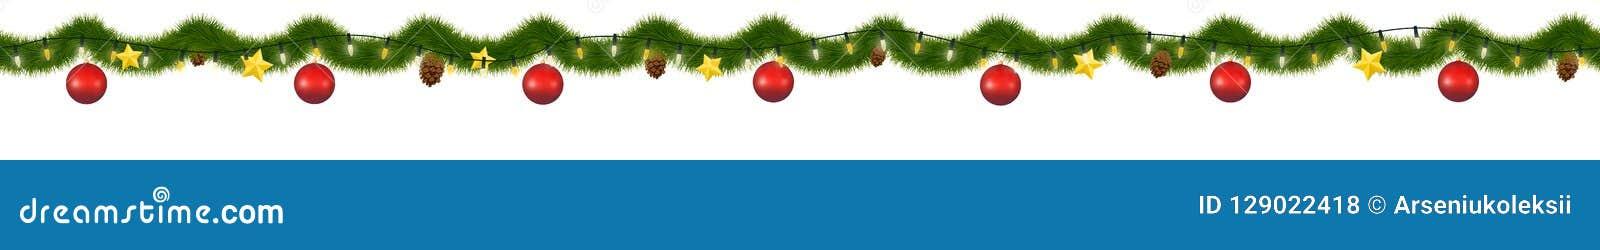 Grön julgirland för garnering och webbplatser